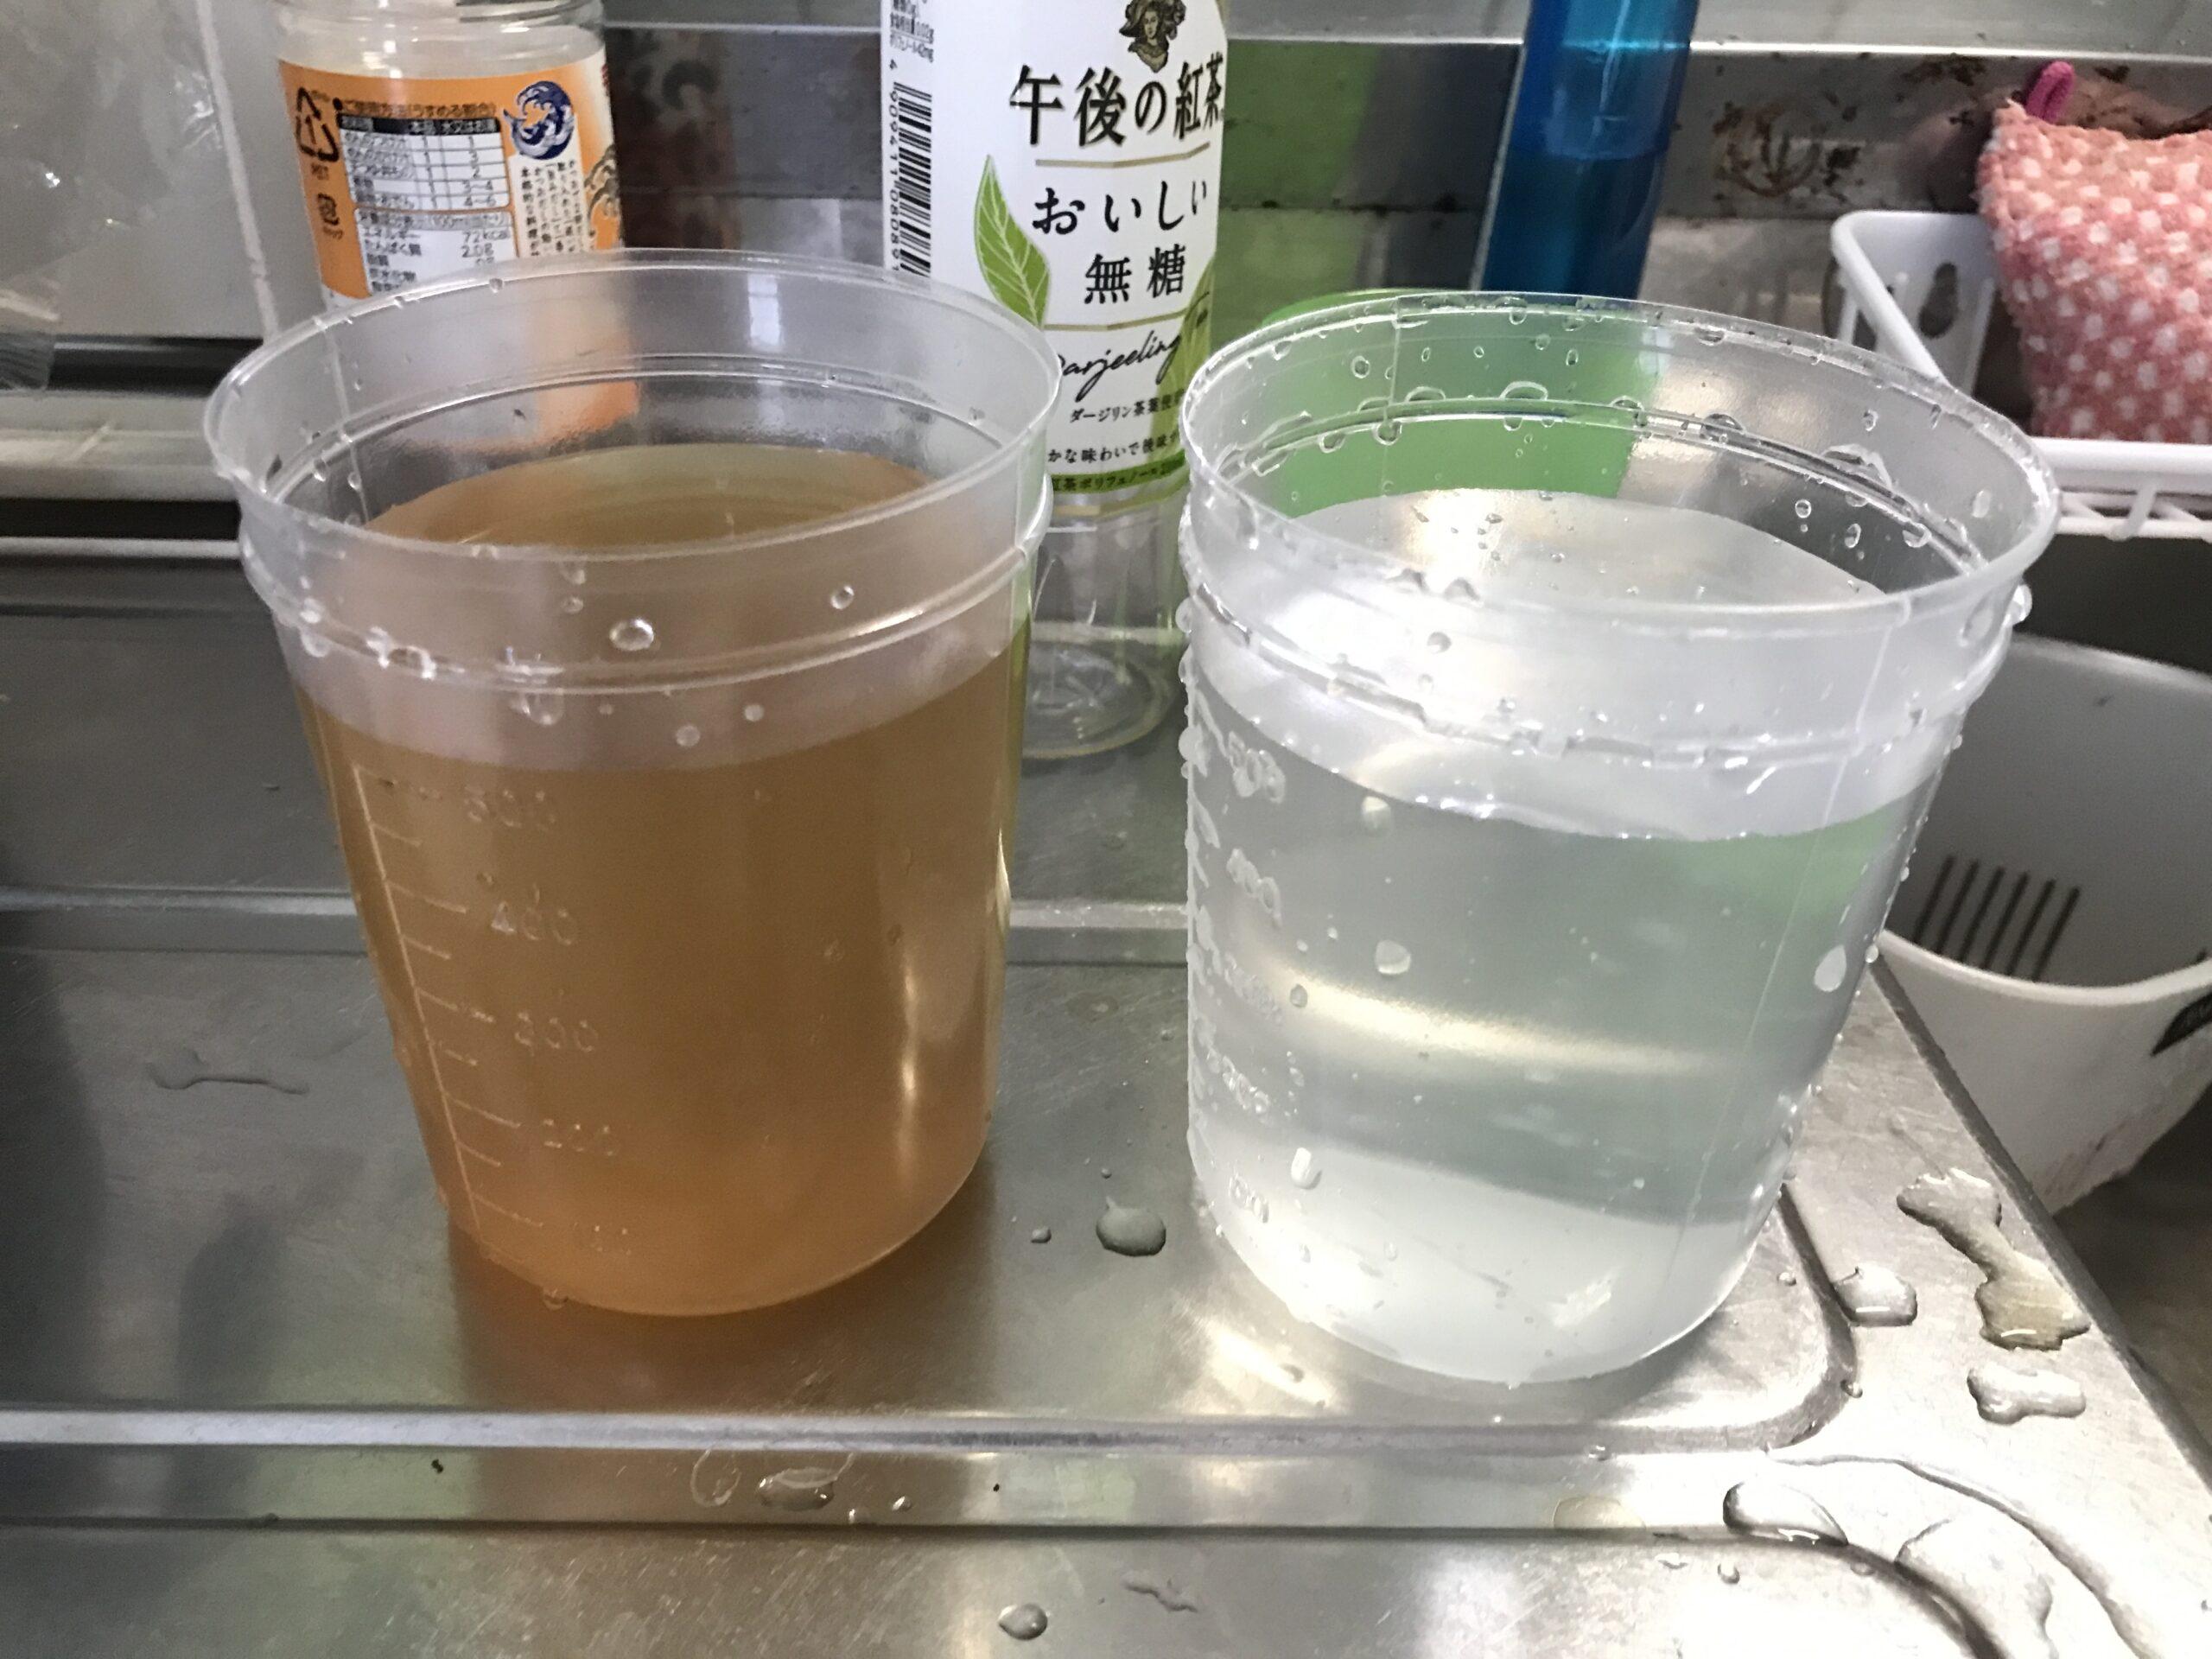 サビ汚れ水道水